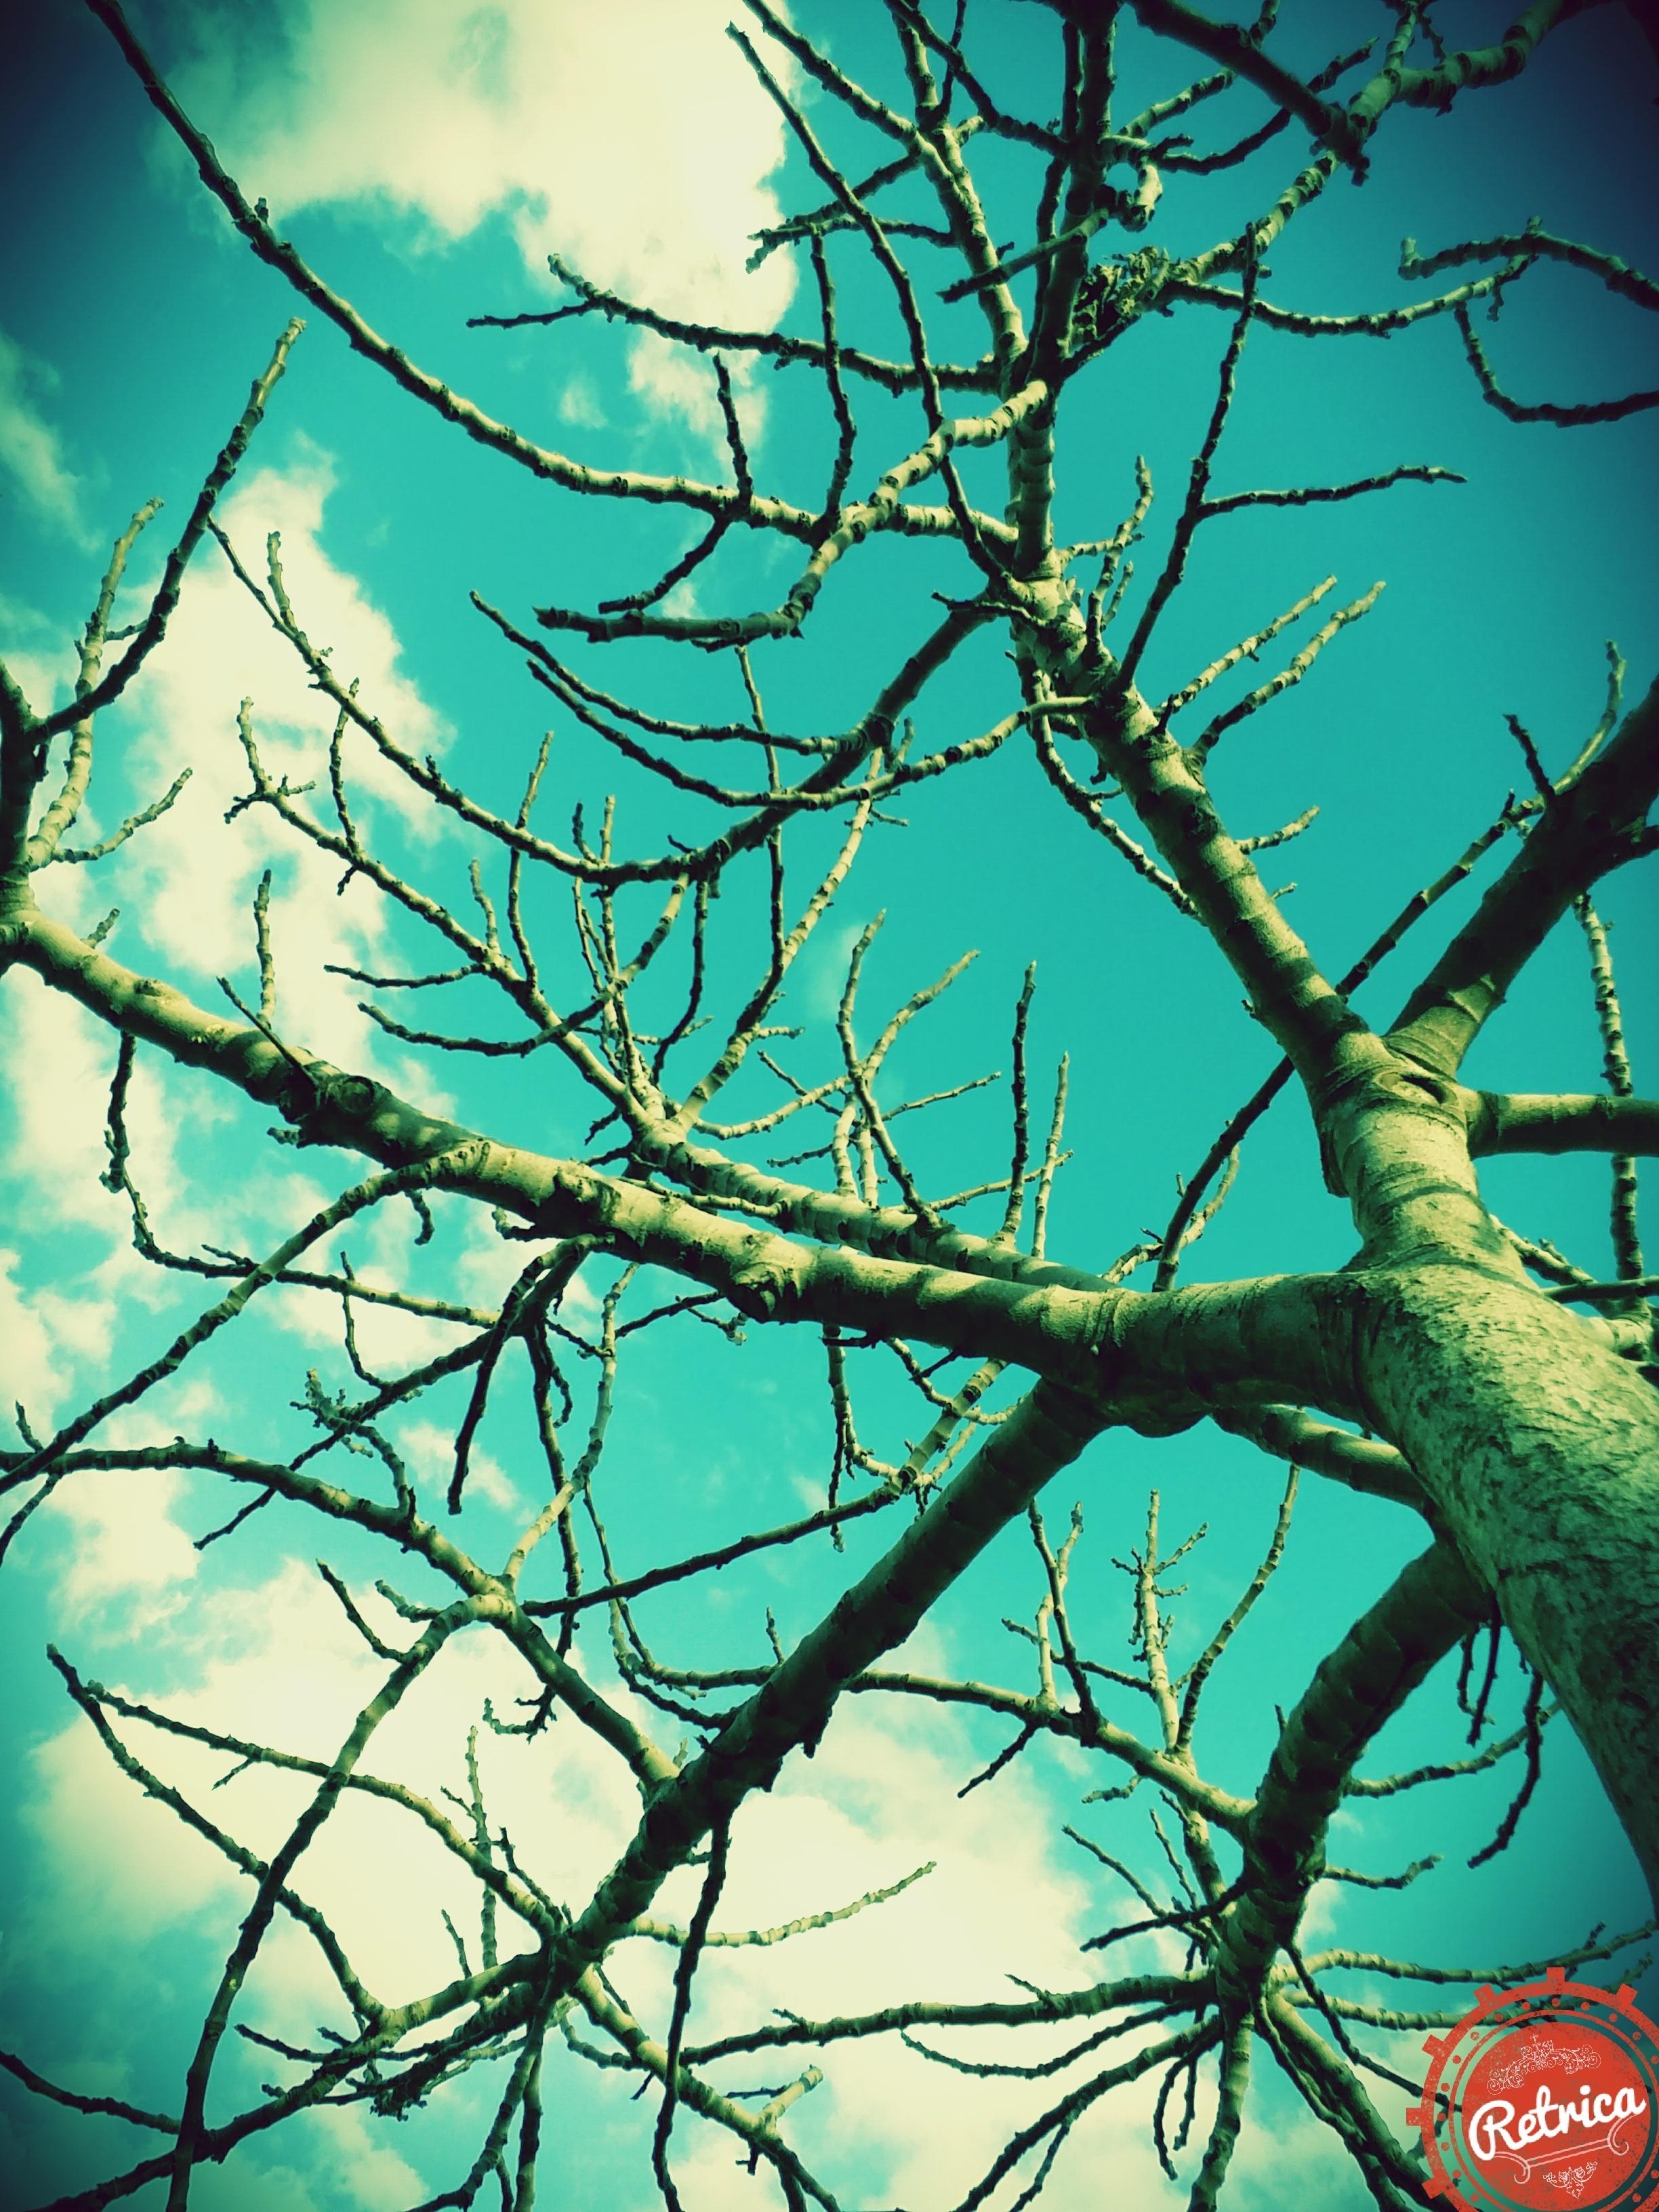 تجربتي : الأستفادة من شجره التين التي كنت أهملها ولا أهتم بها.